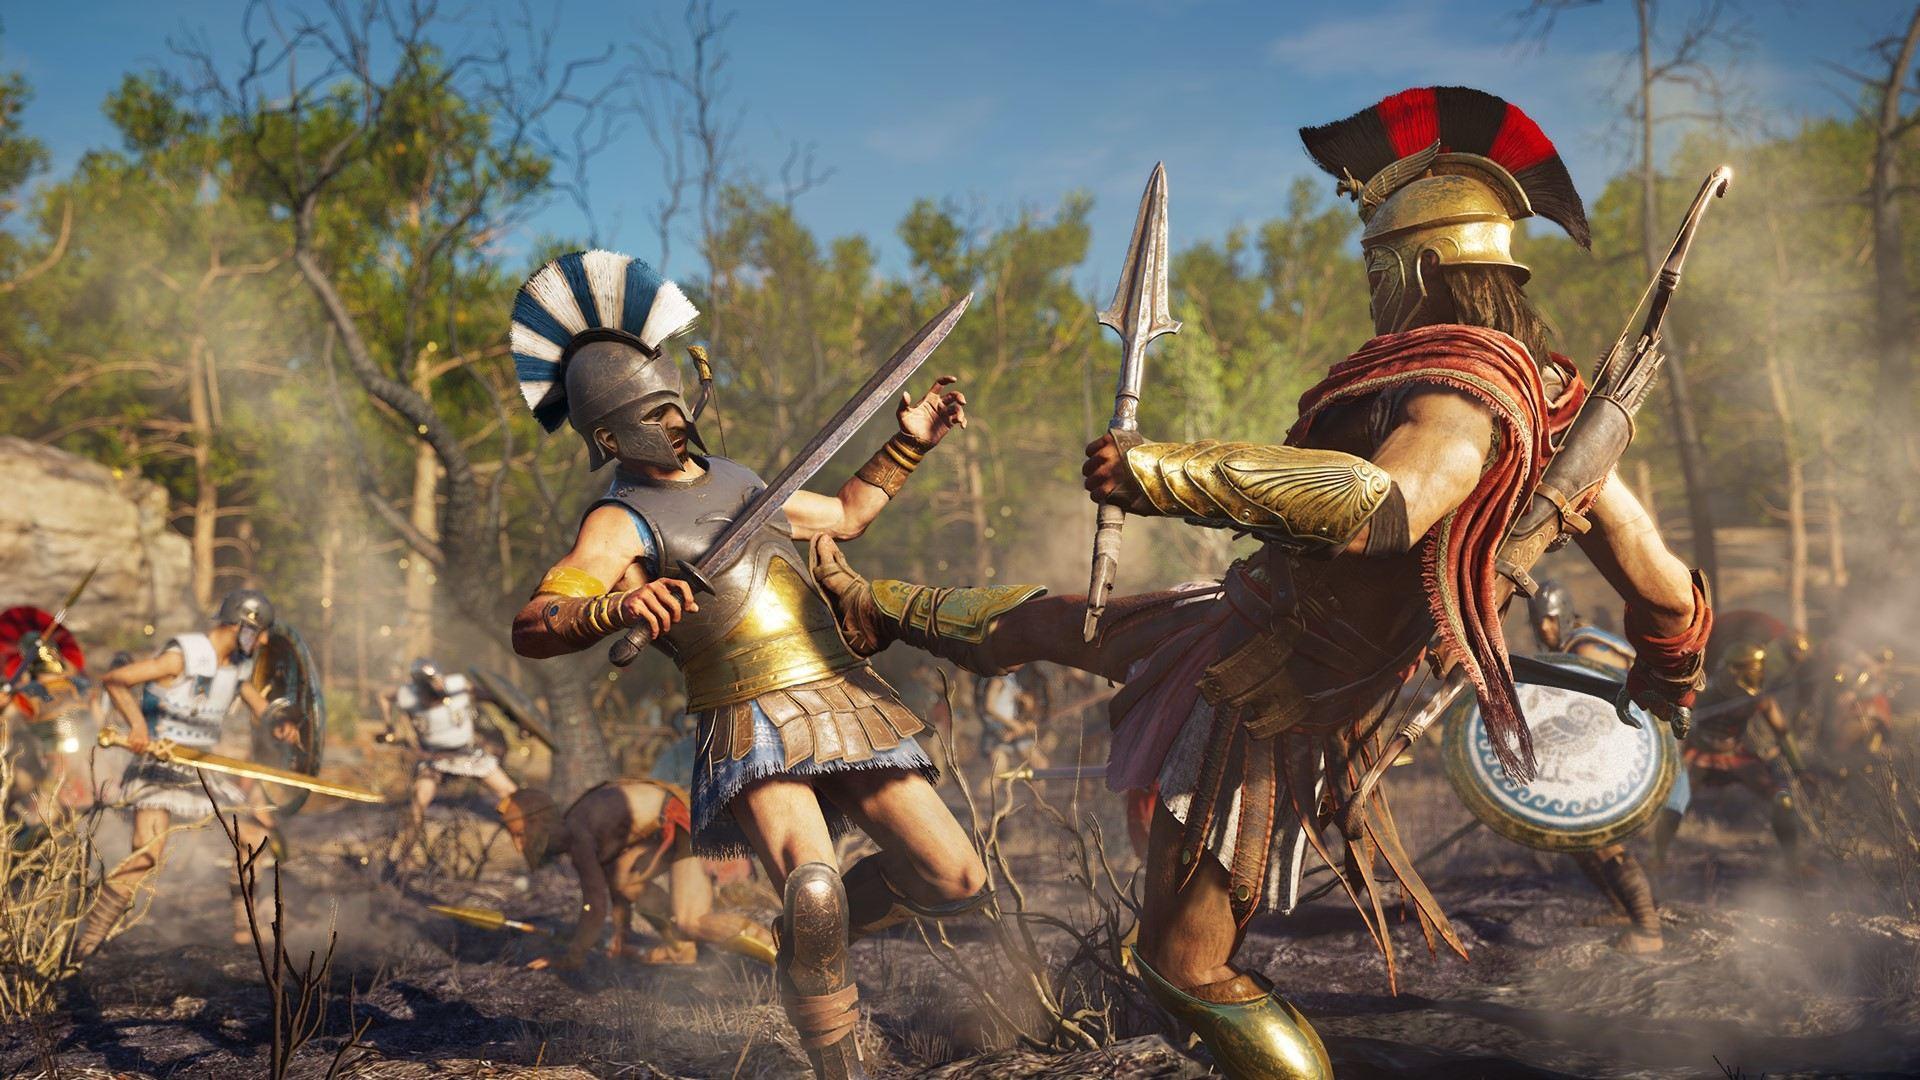 Новые подробности об Assassin's Creed Odyssey — охотники за головой игрока и команда главного героя